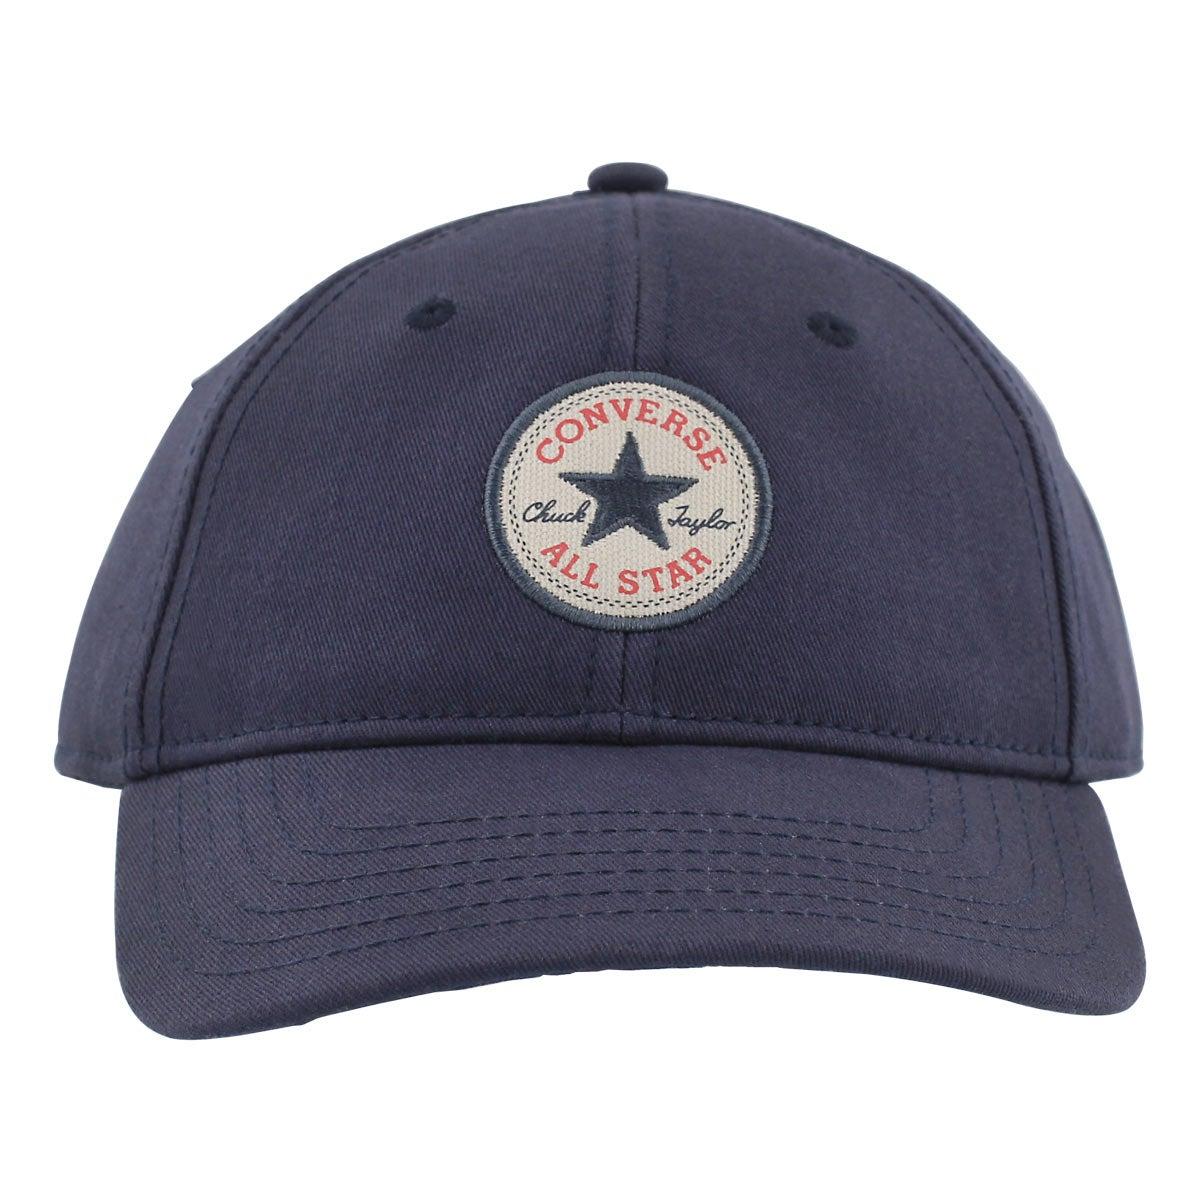 Women's CORE navy adjustable precurve cap